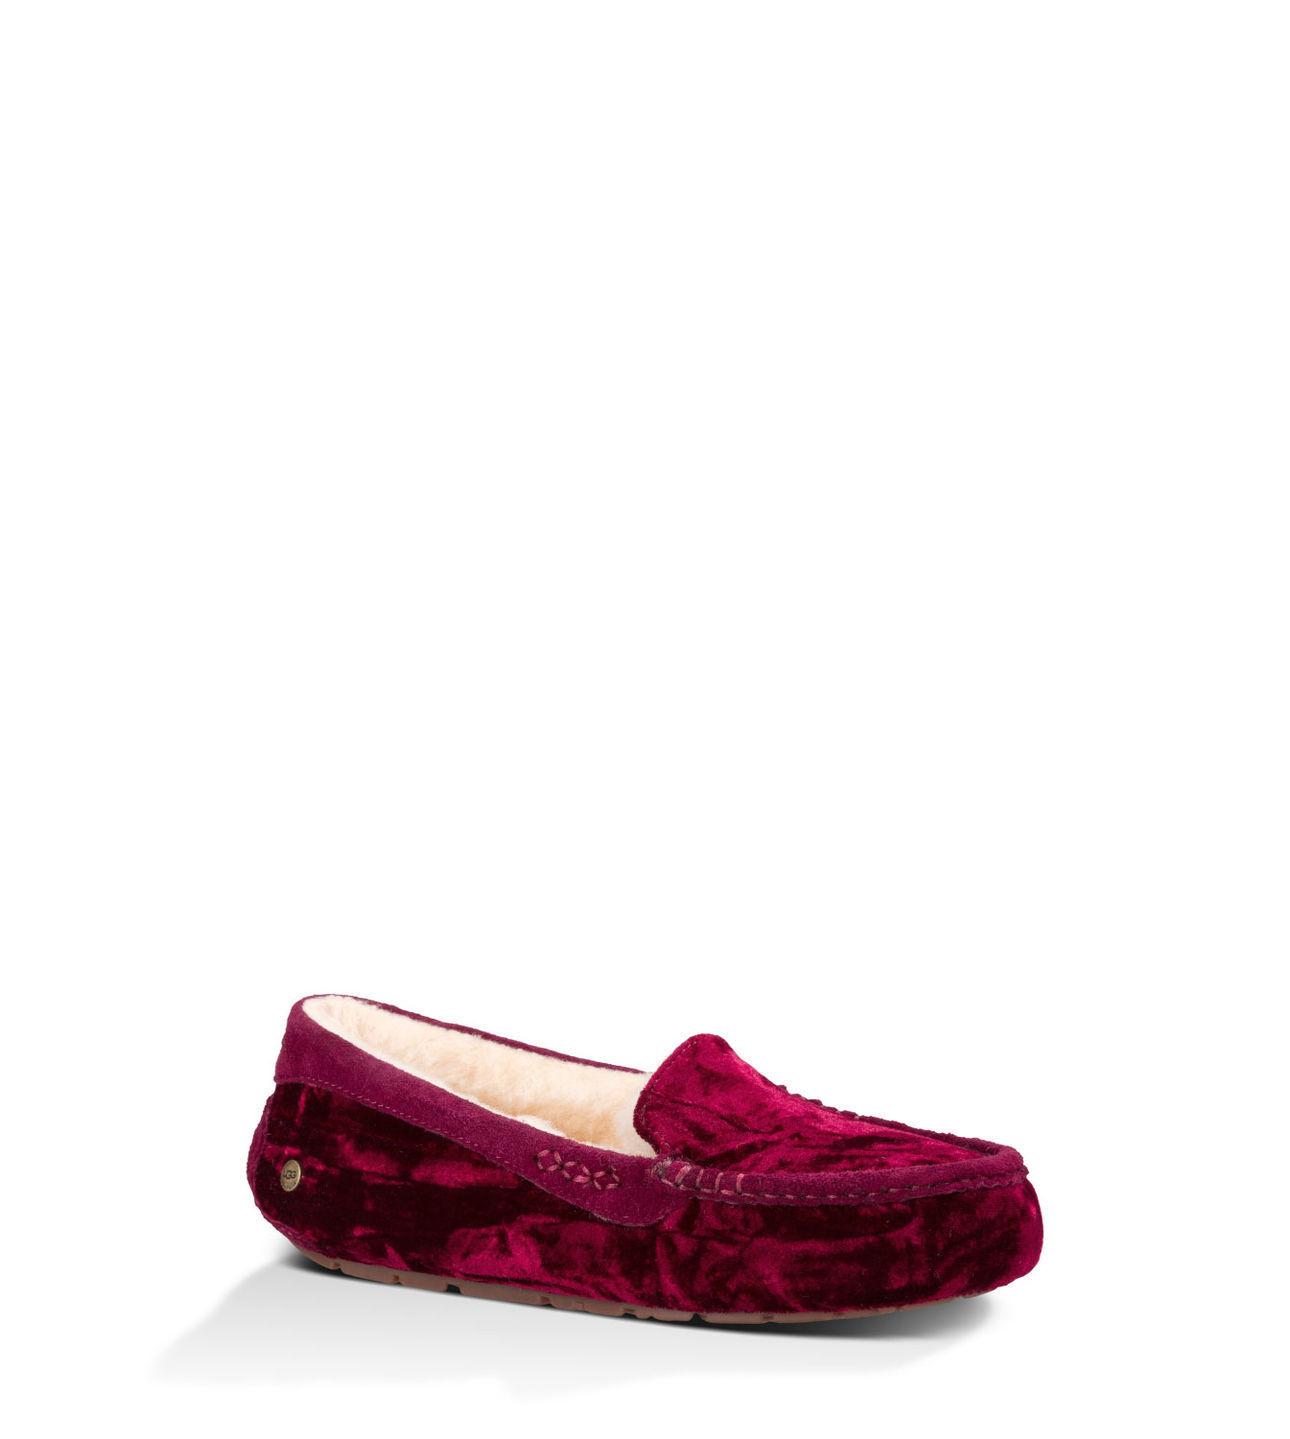 88d1be4ba72 Ugg Ansley Slipper Purple Velvet